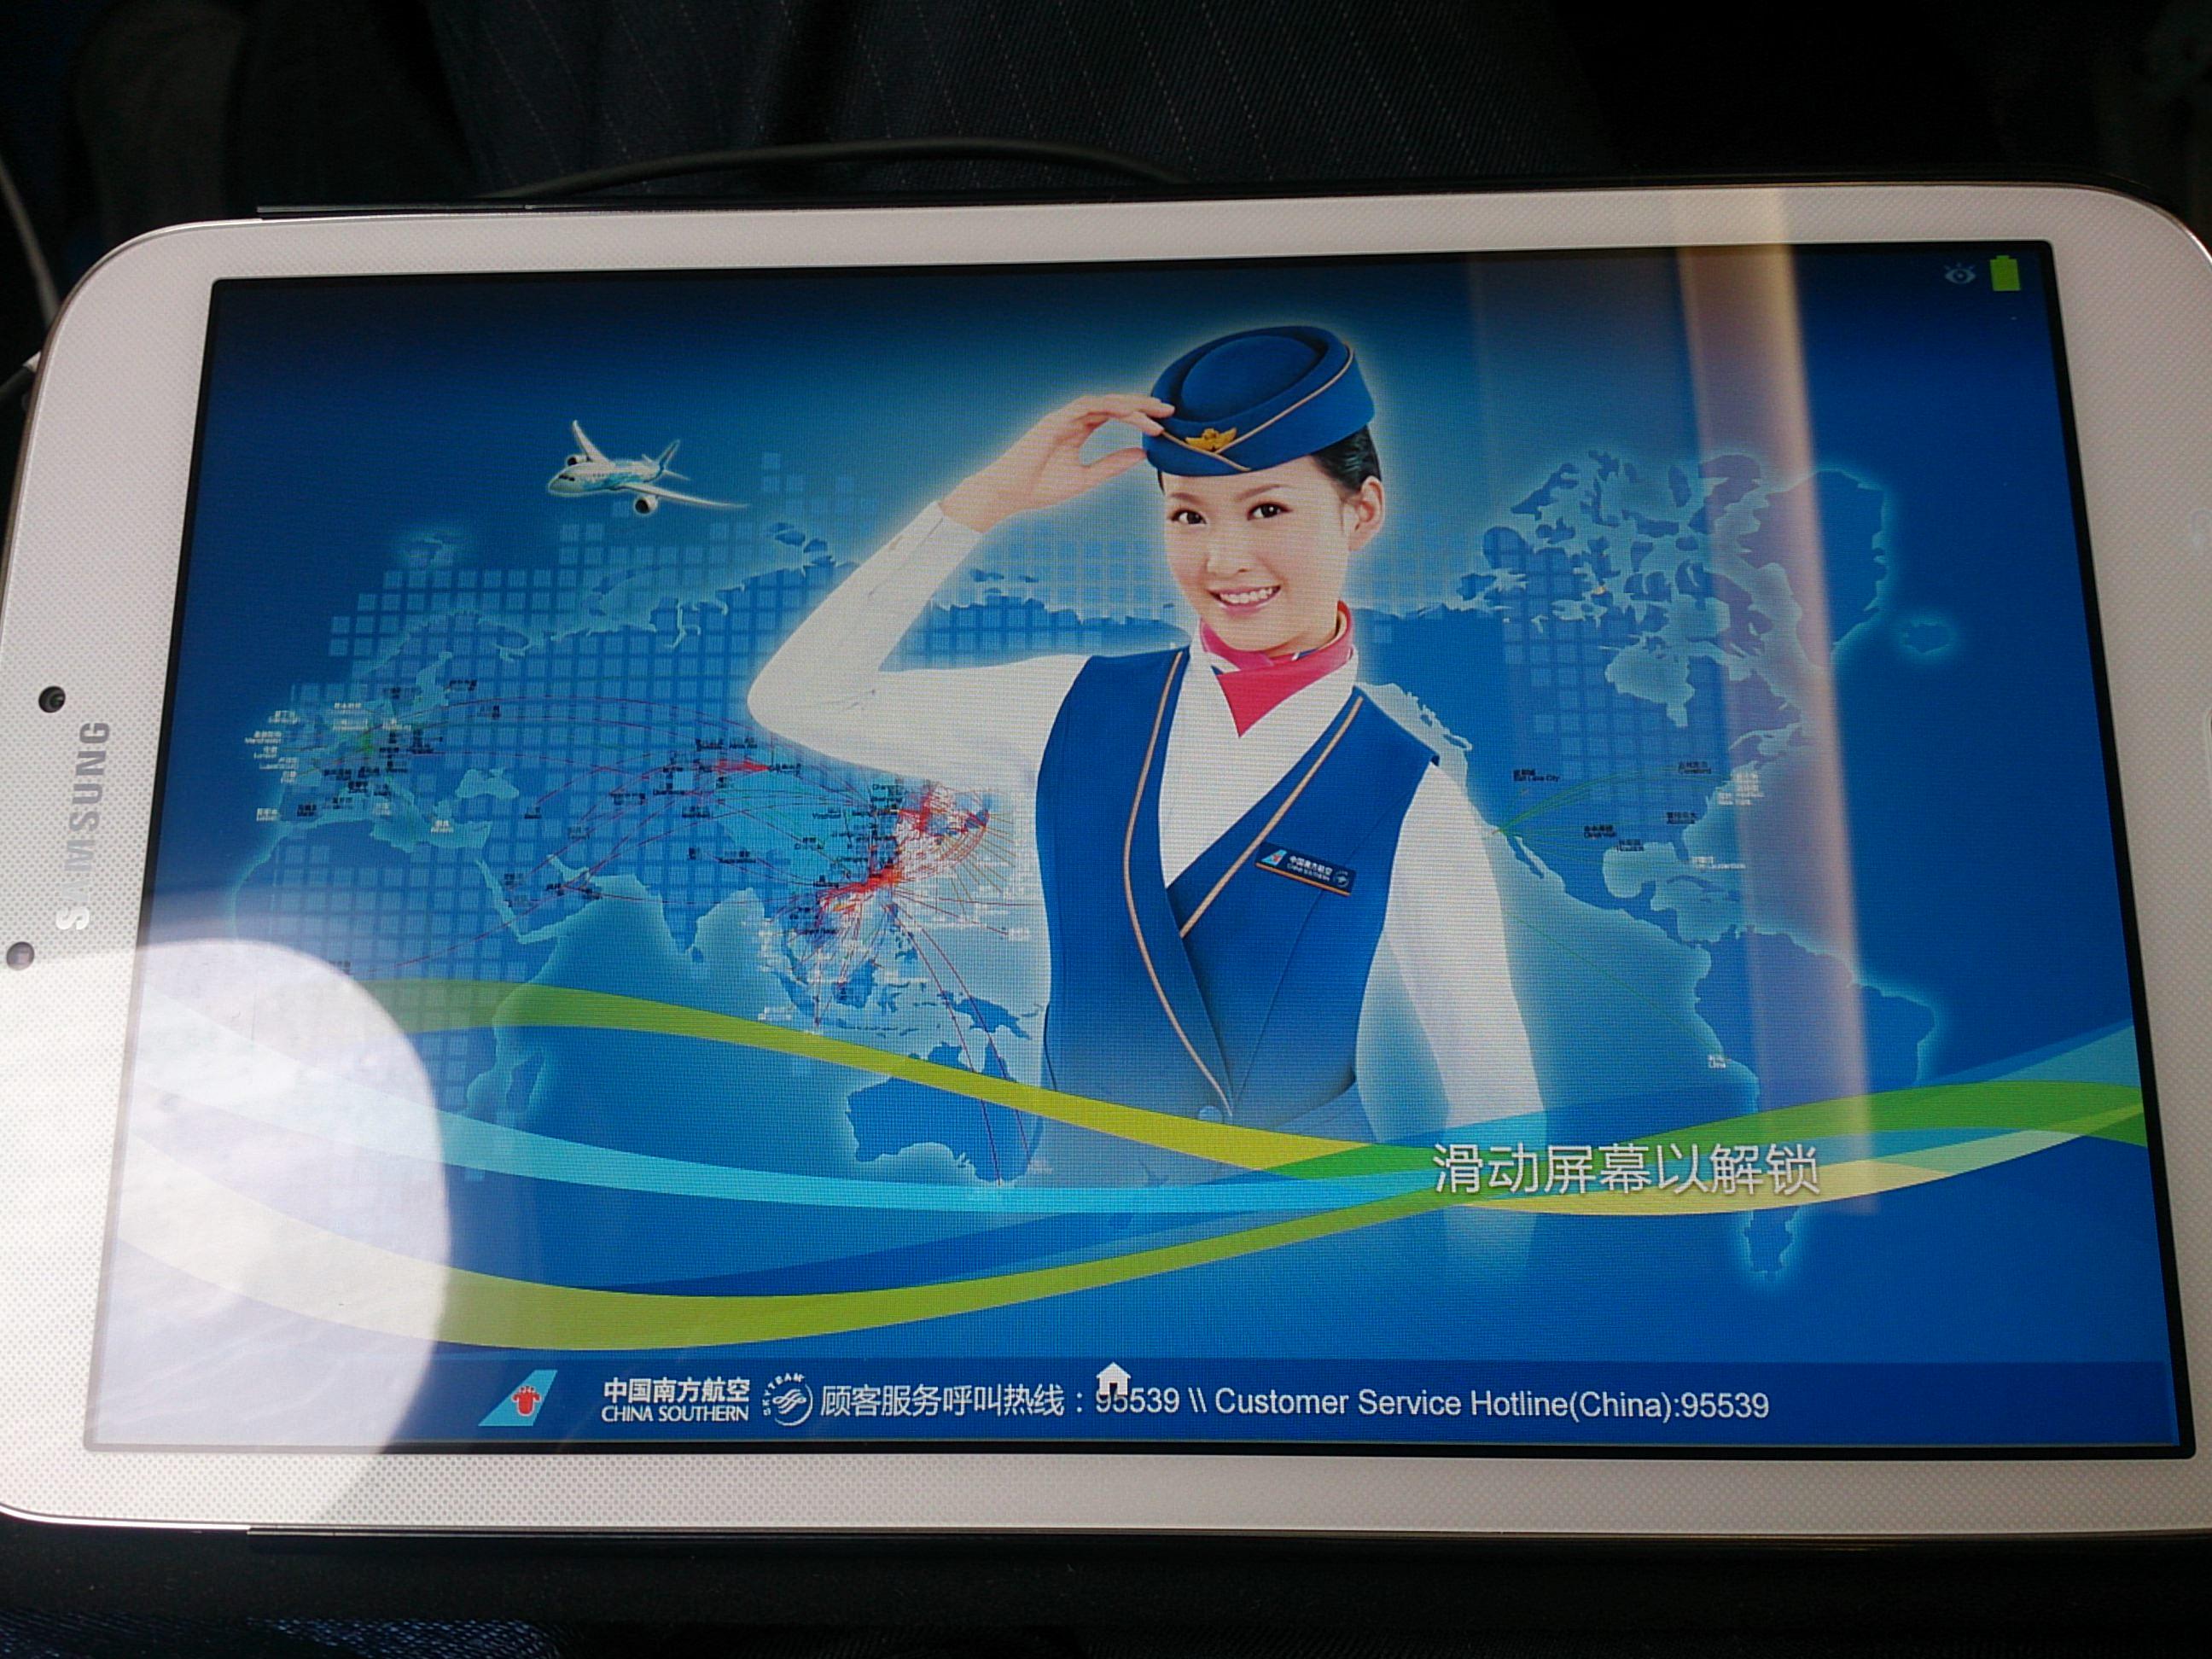 CZ374 中国南方航空A321 ビジネスクラス ホーチミンシティ―広州